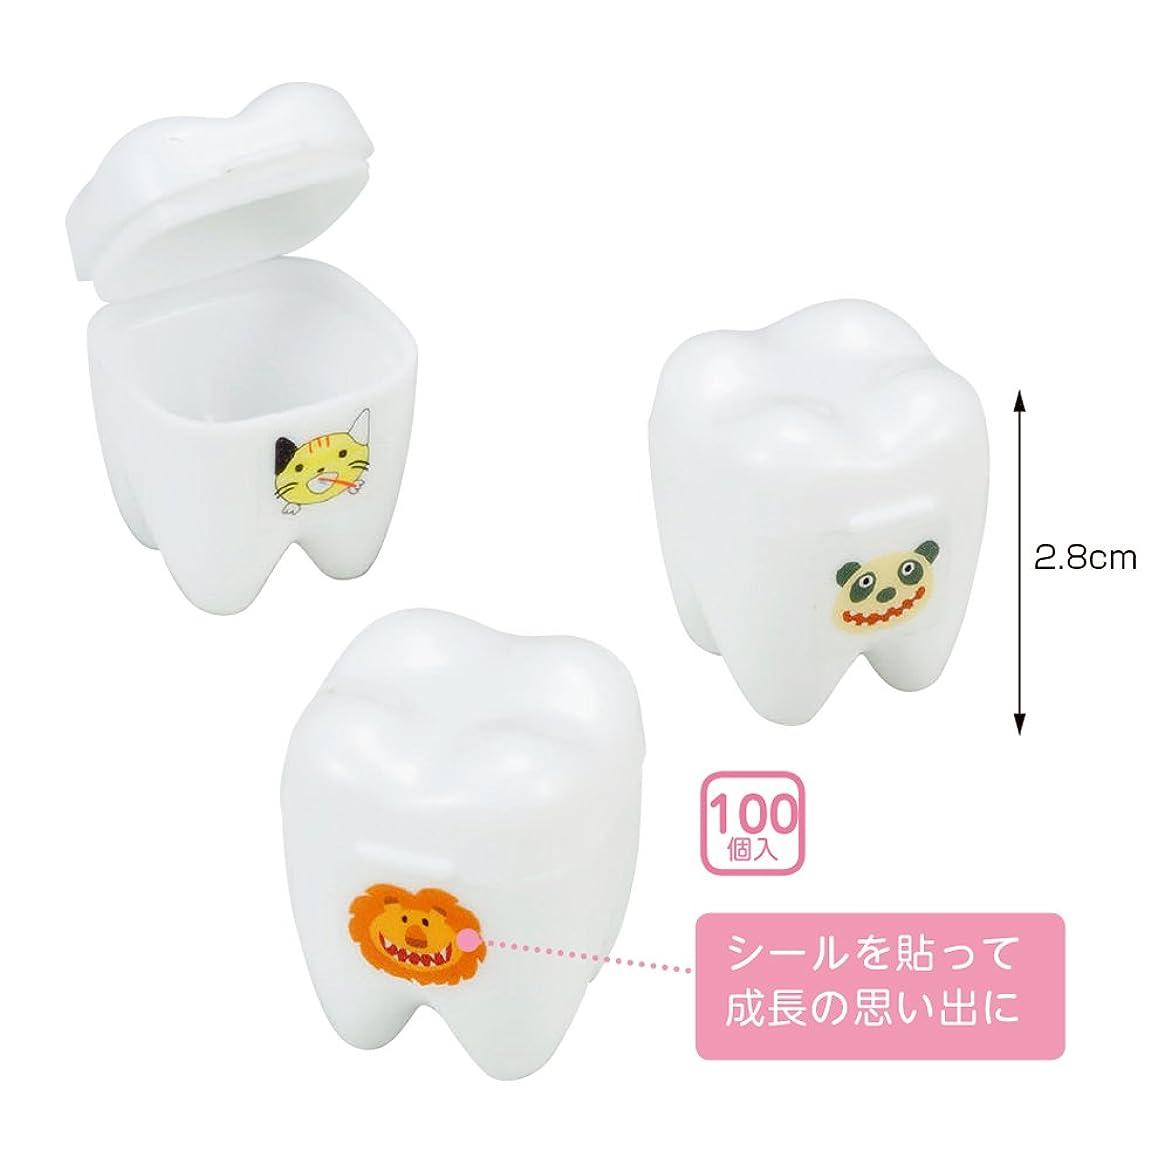 ボス鉱夫ゾーン乳歯保存ケース 抜けた乳歯のメモリーケース(100個入)